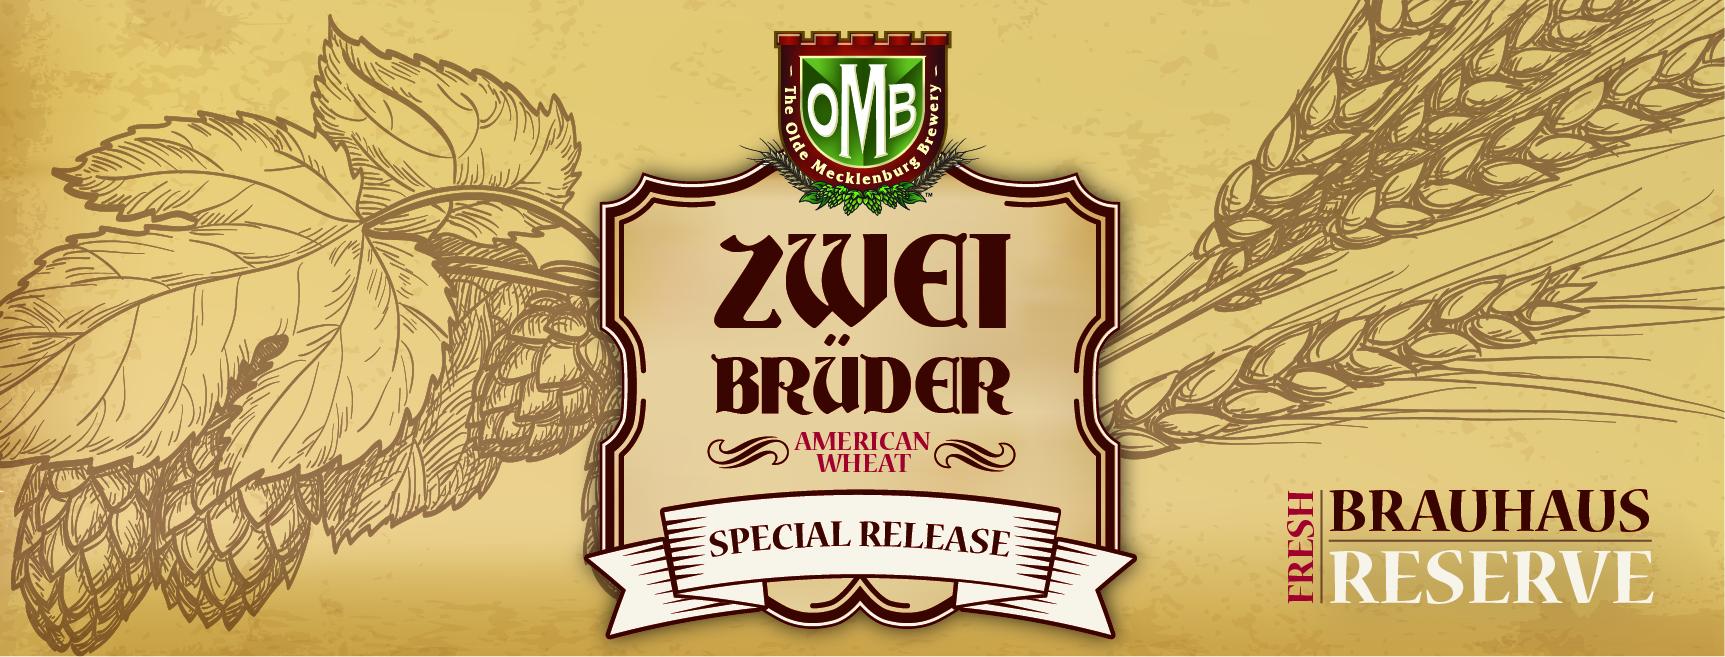 zwei_bruder_fb_header